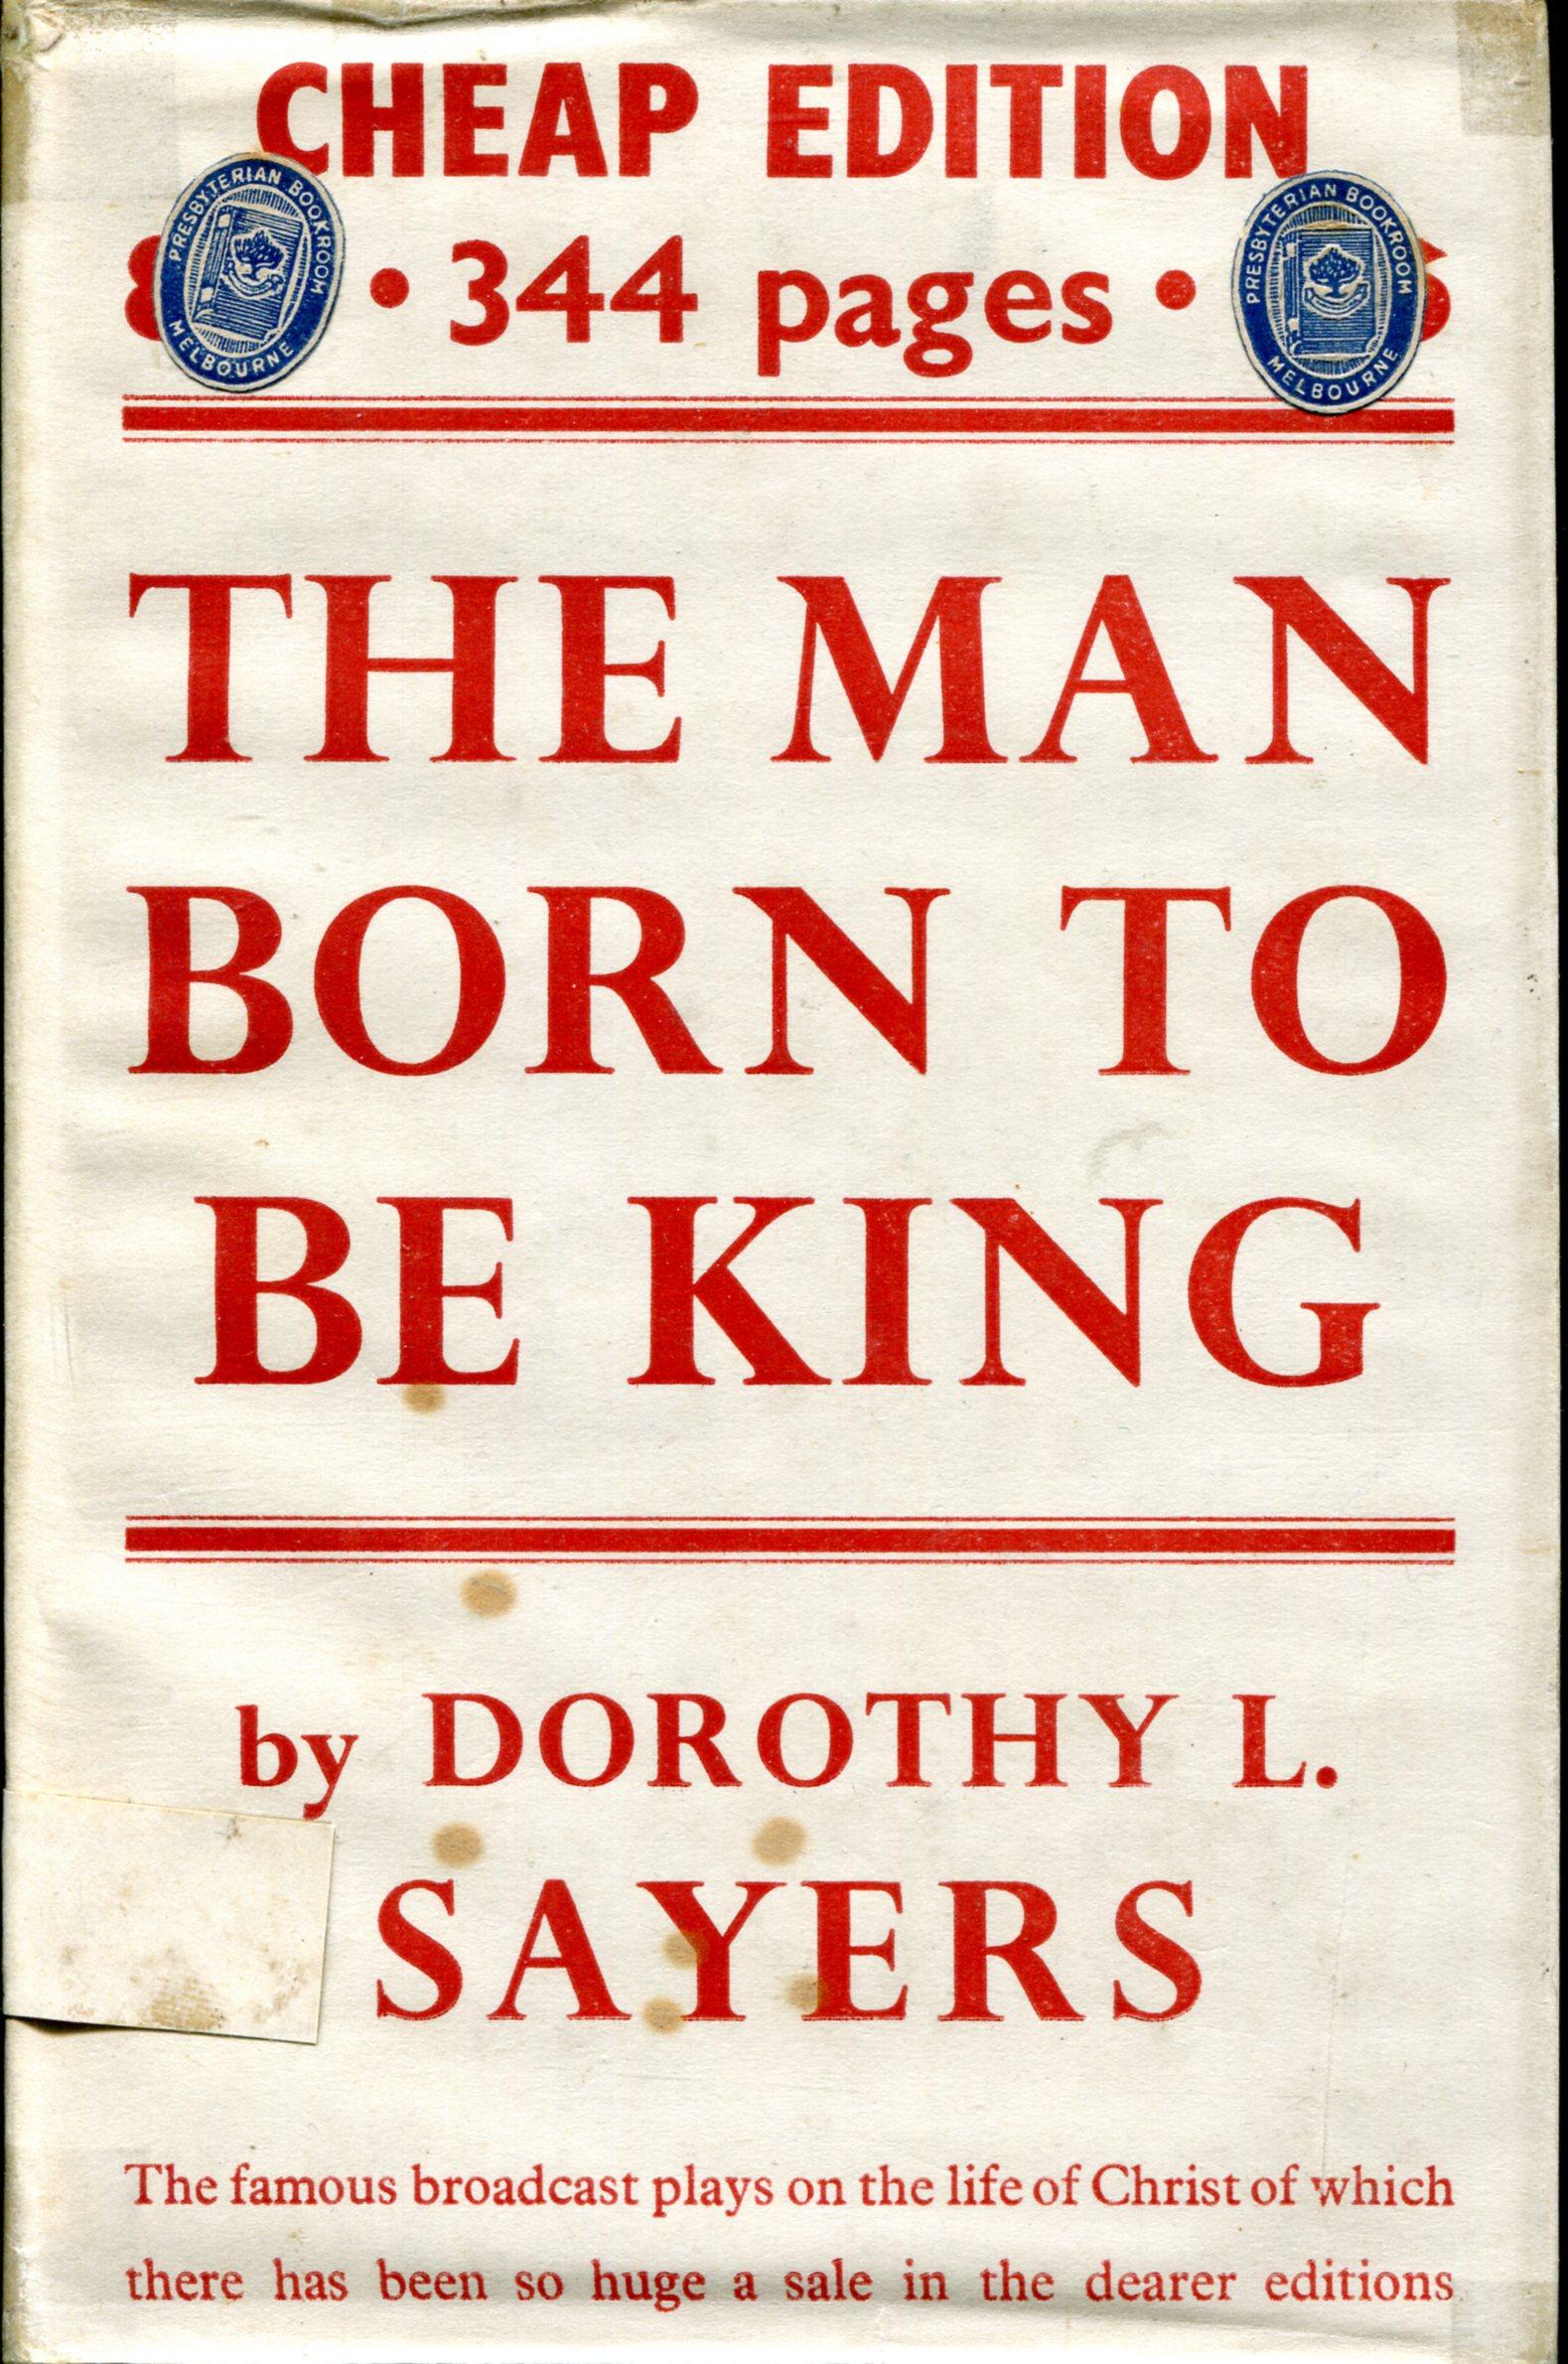 1943 - Ignatius Press